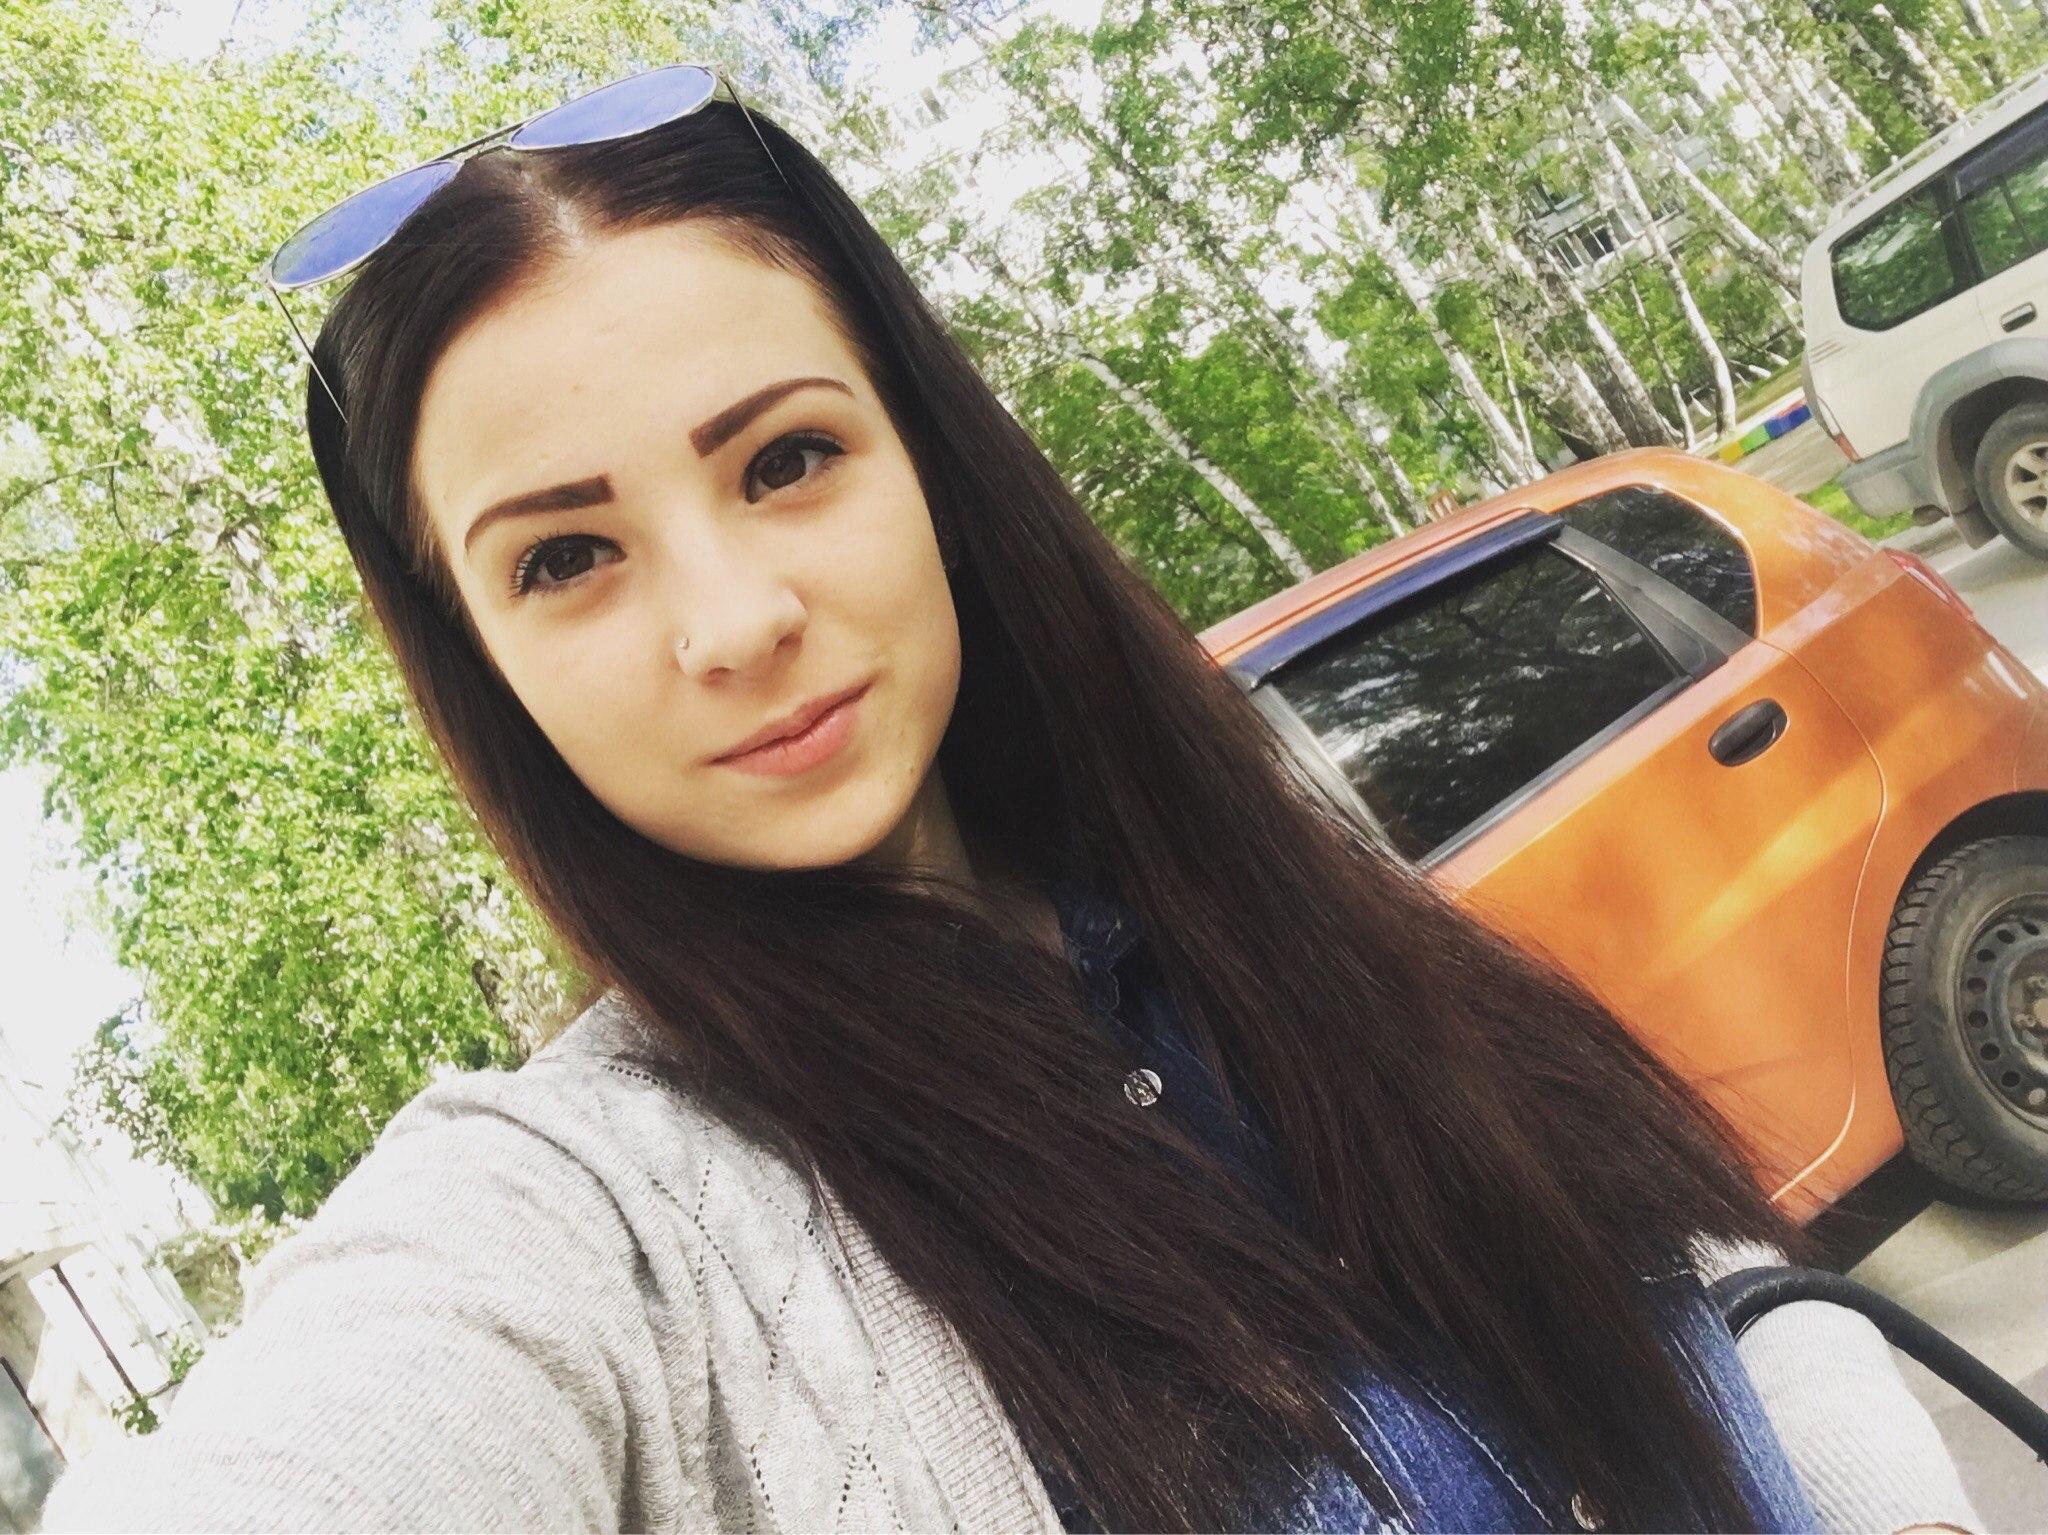 Фото девушек на природе (20 фото) - Оксана, 21 год, Новосибирск